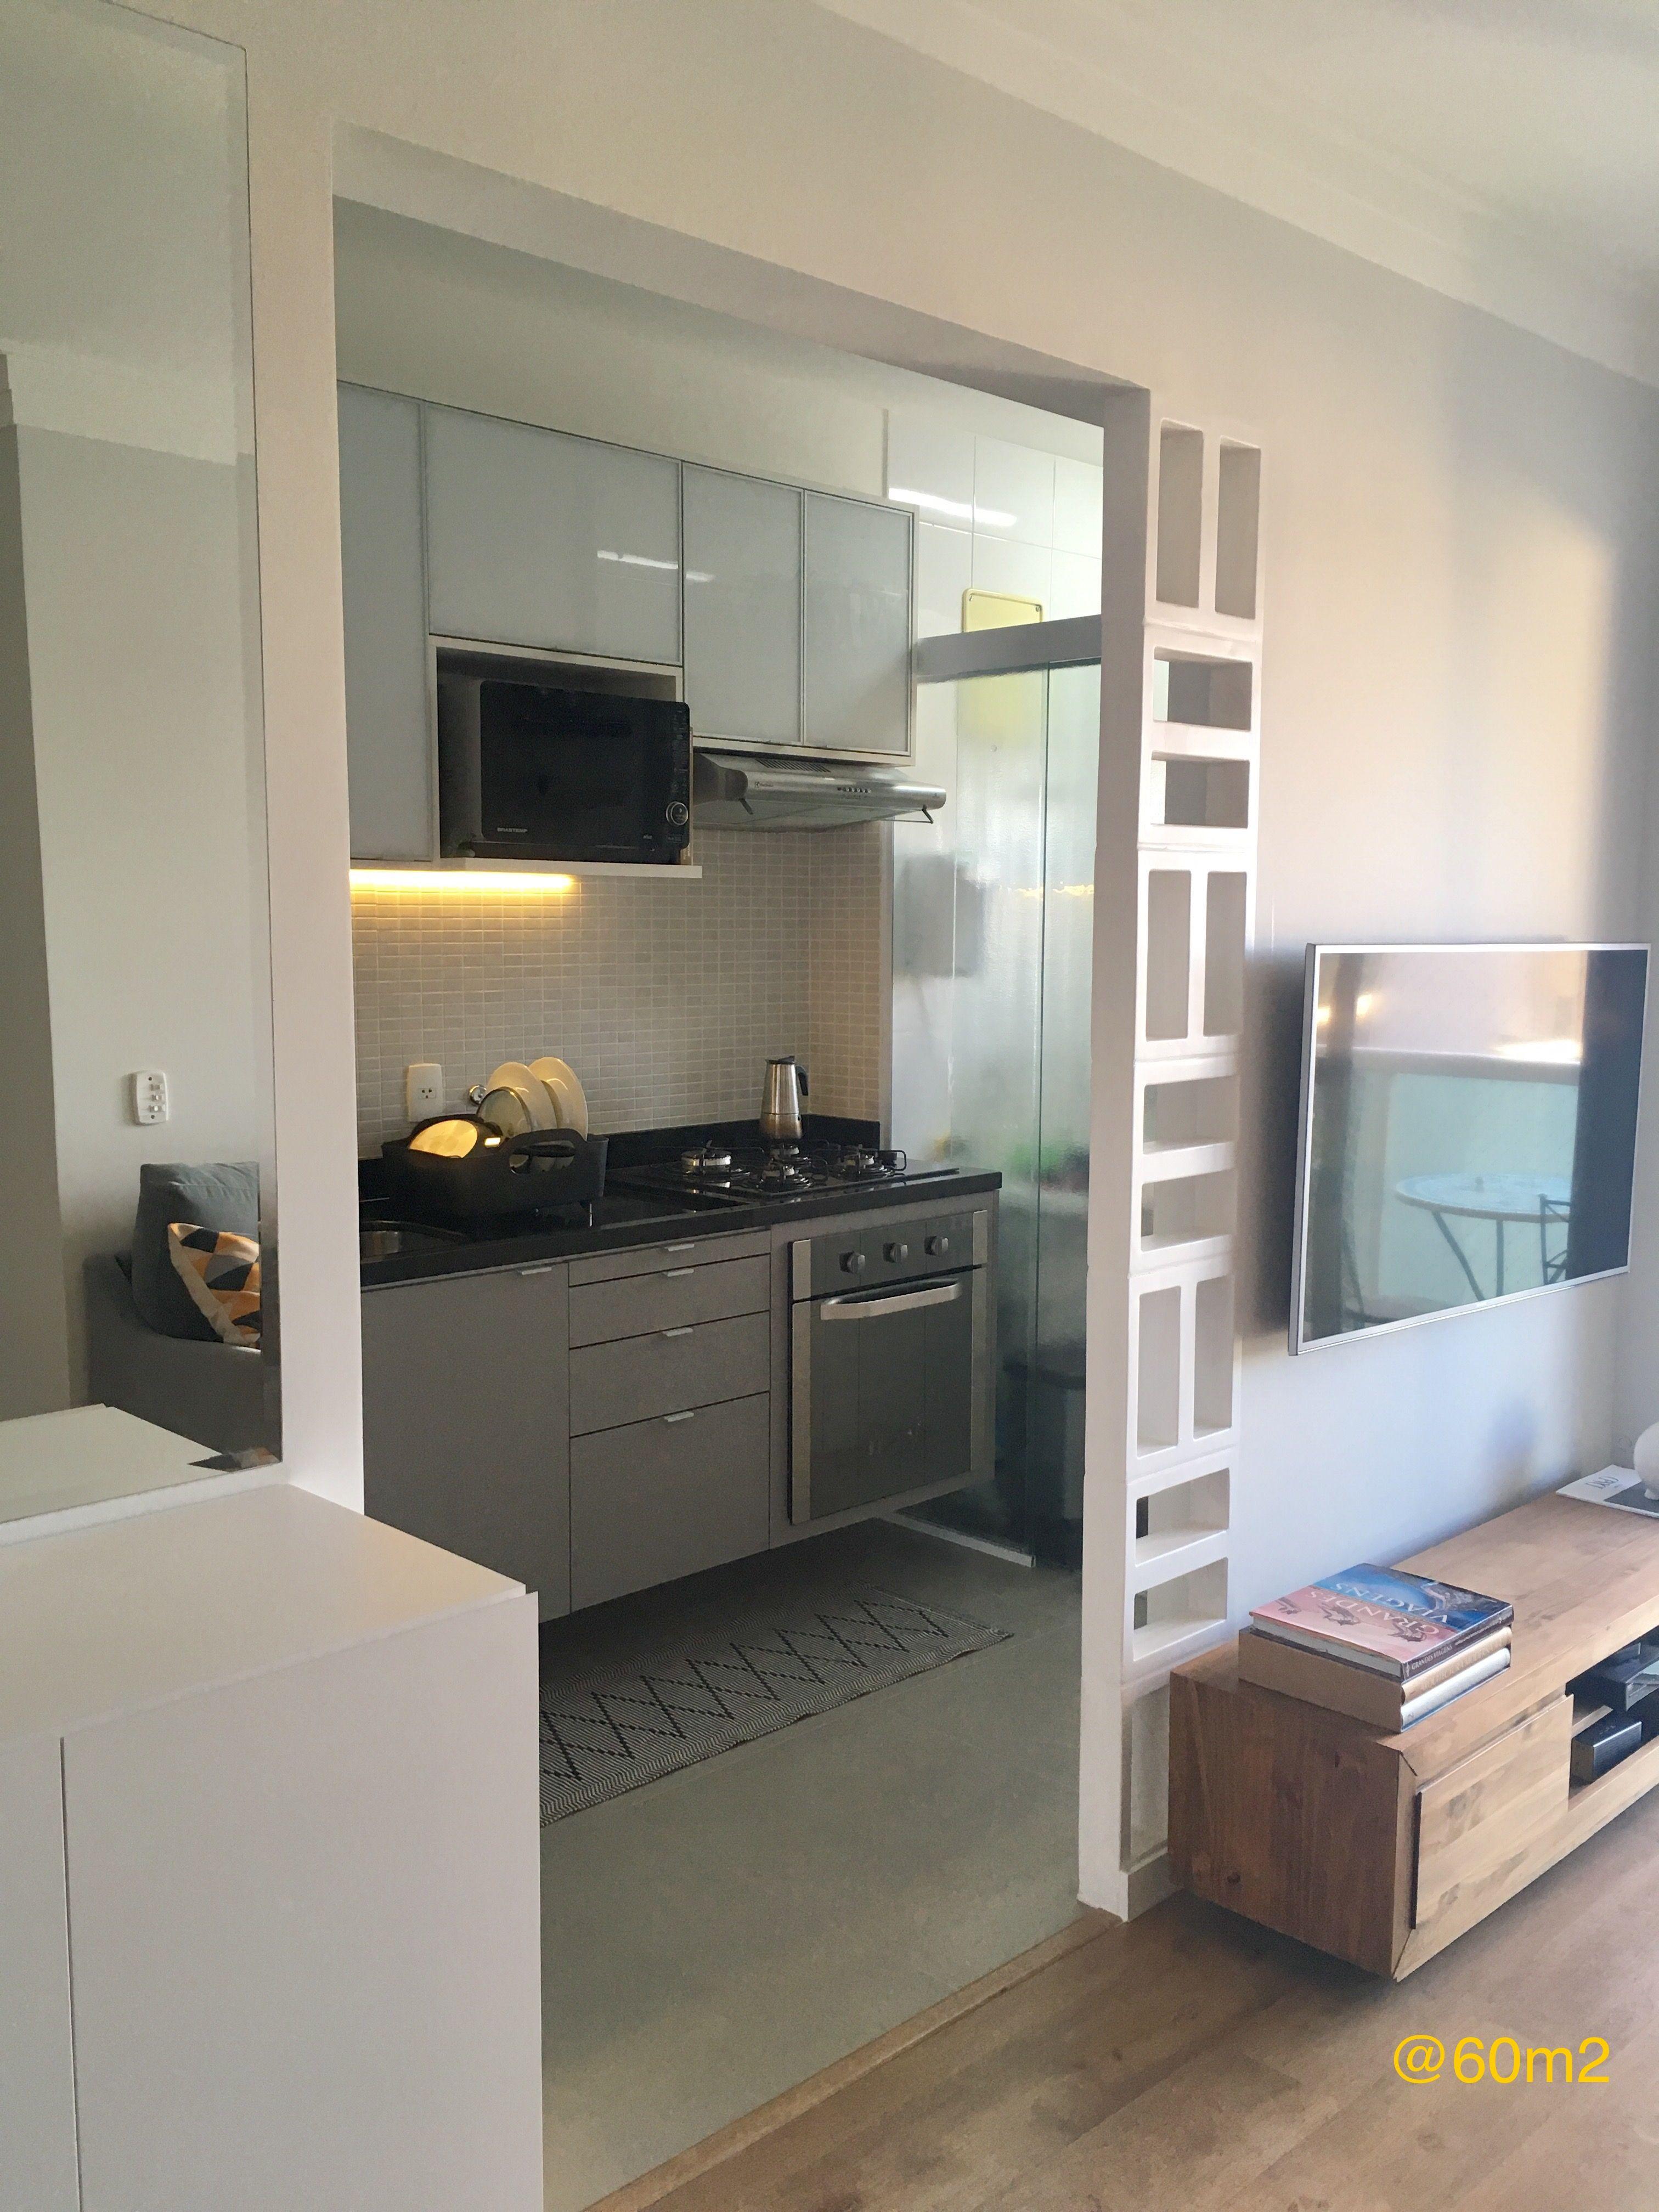 Cozinha Pequena Tipo Corredor Integrada Com A Sala Marcenaria